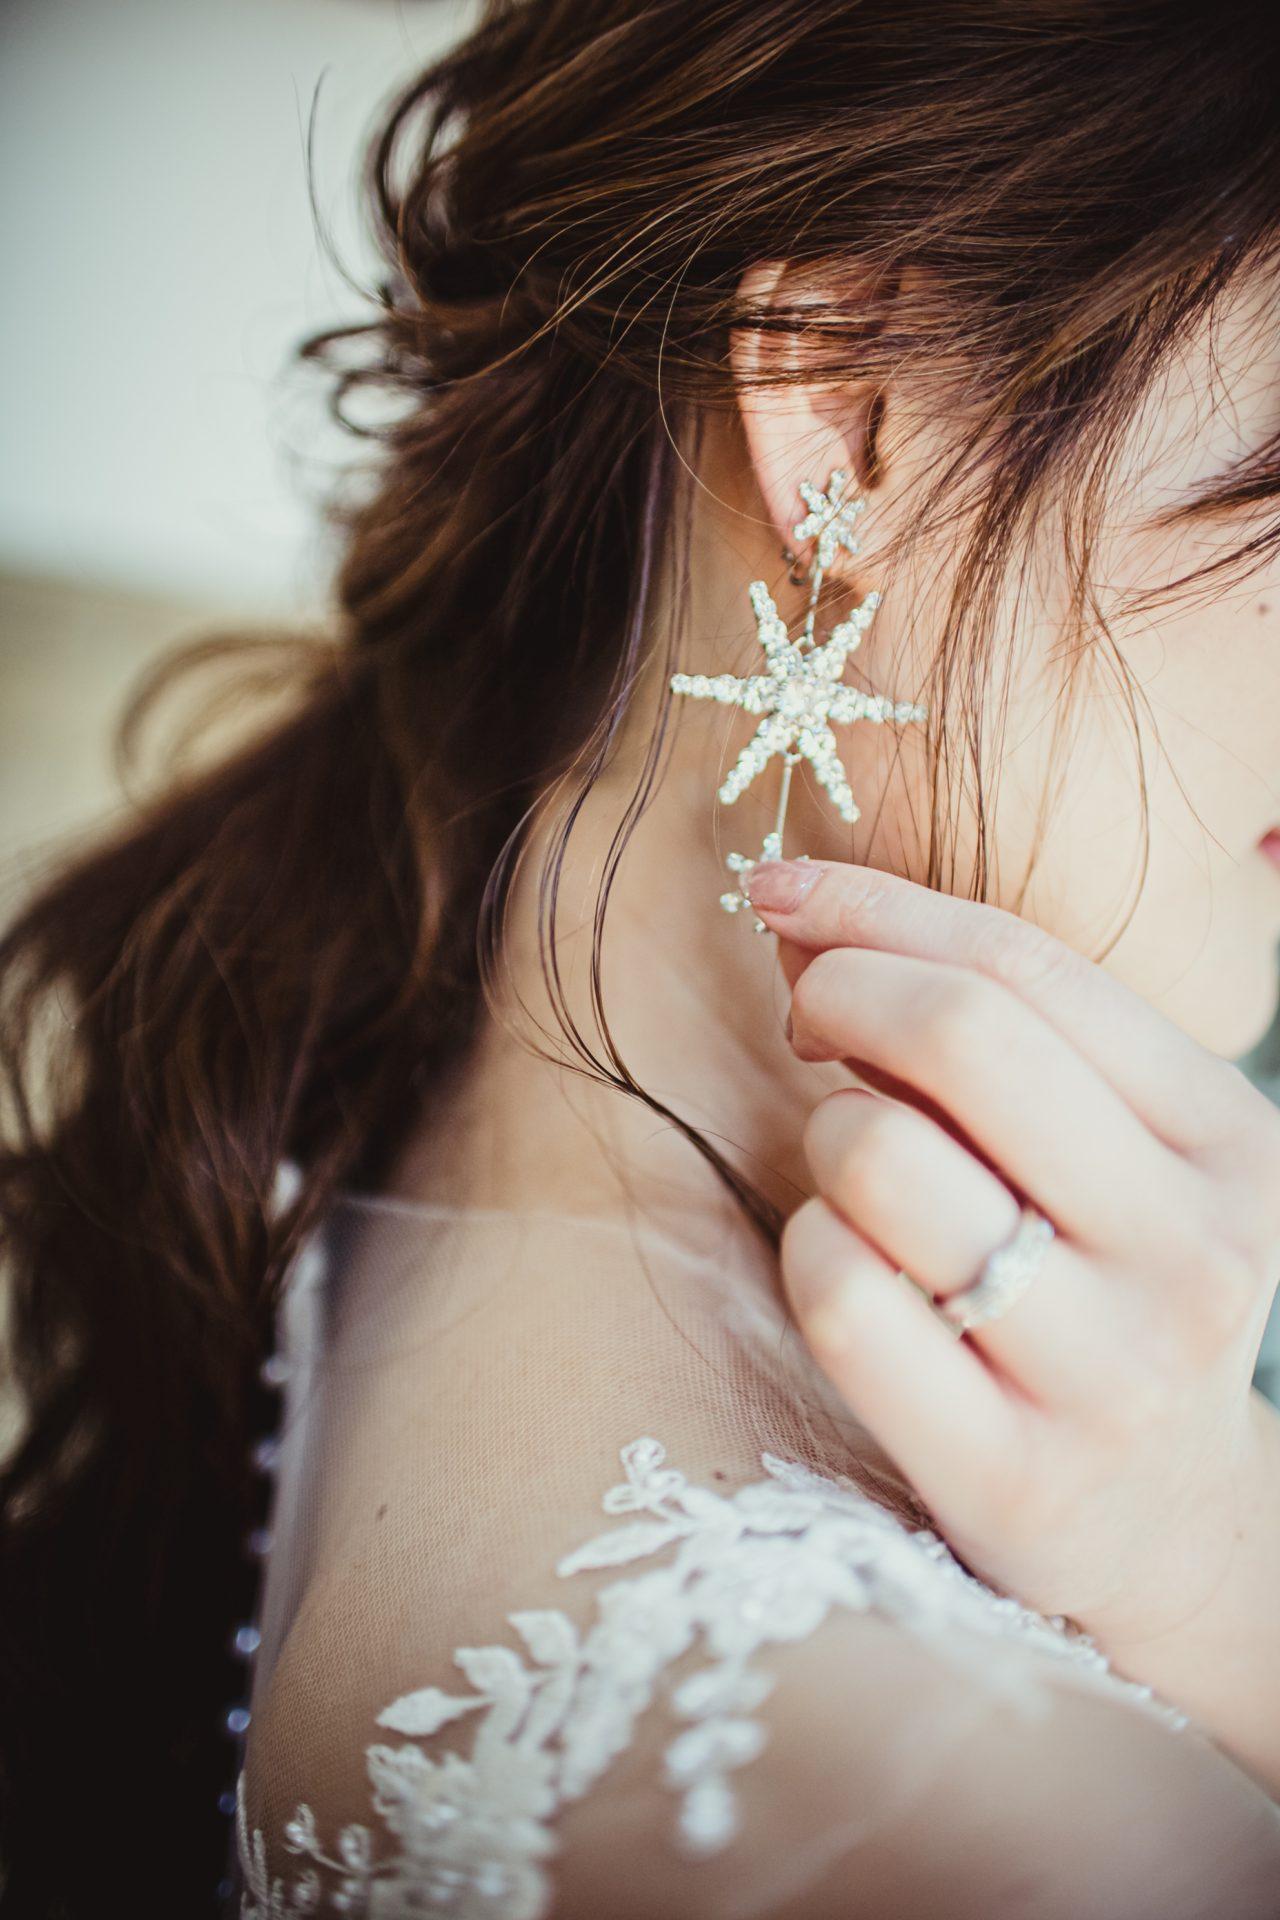 星のイヤリングで有名なジェニファー・ベアを取り扱う東京のドレスショップ、ザ・トリート・ドレッシングアディション店は日本最旬のドレスと共にニューヨーク最先端のブライダルジュエリーやアクセサリーを豊富に揃えているので、花嫁様の唯一無二のお洒落なコーディネートを探すことができます。